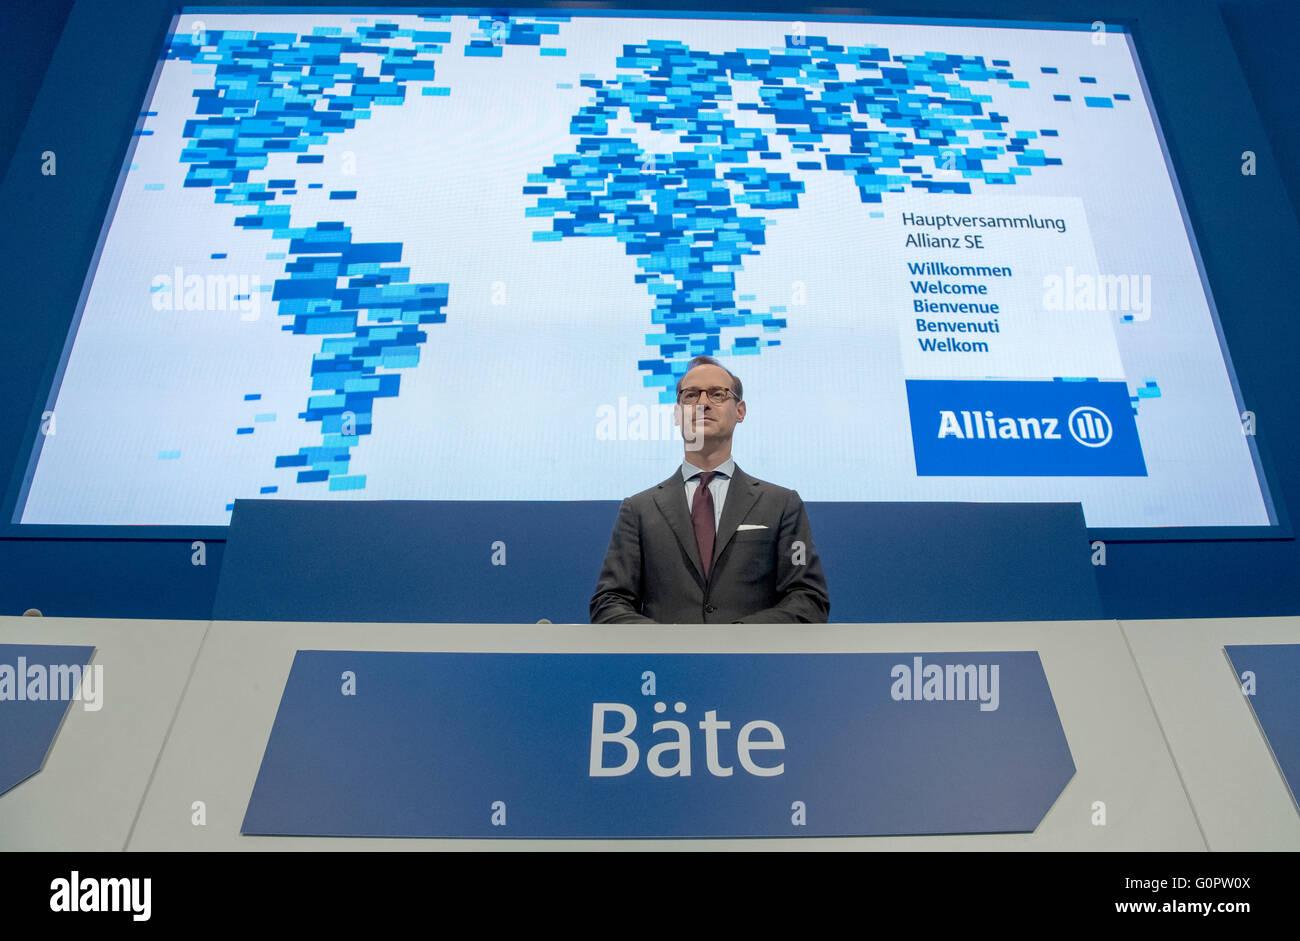 Munich, Allemagne. Le 04 Avr, 2016. Directeur général d'Allianz SE, Oliver Baete, se situe à la tribune avant l'Assemblée générale Allianz à Munich, Allemagne, 04 avril 2016. Photo: PETER KNEFFEL/dpa/Alamy Live News Banque D'Images